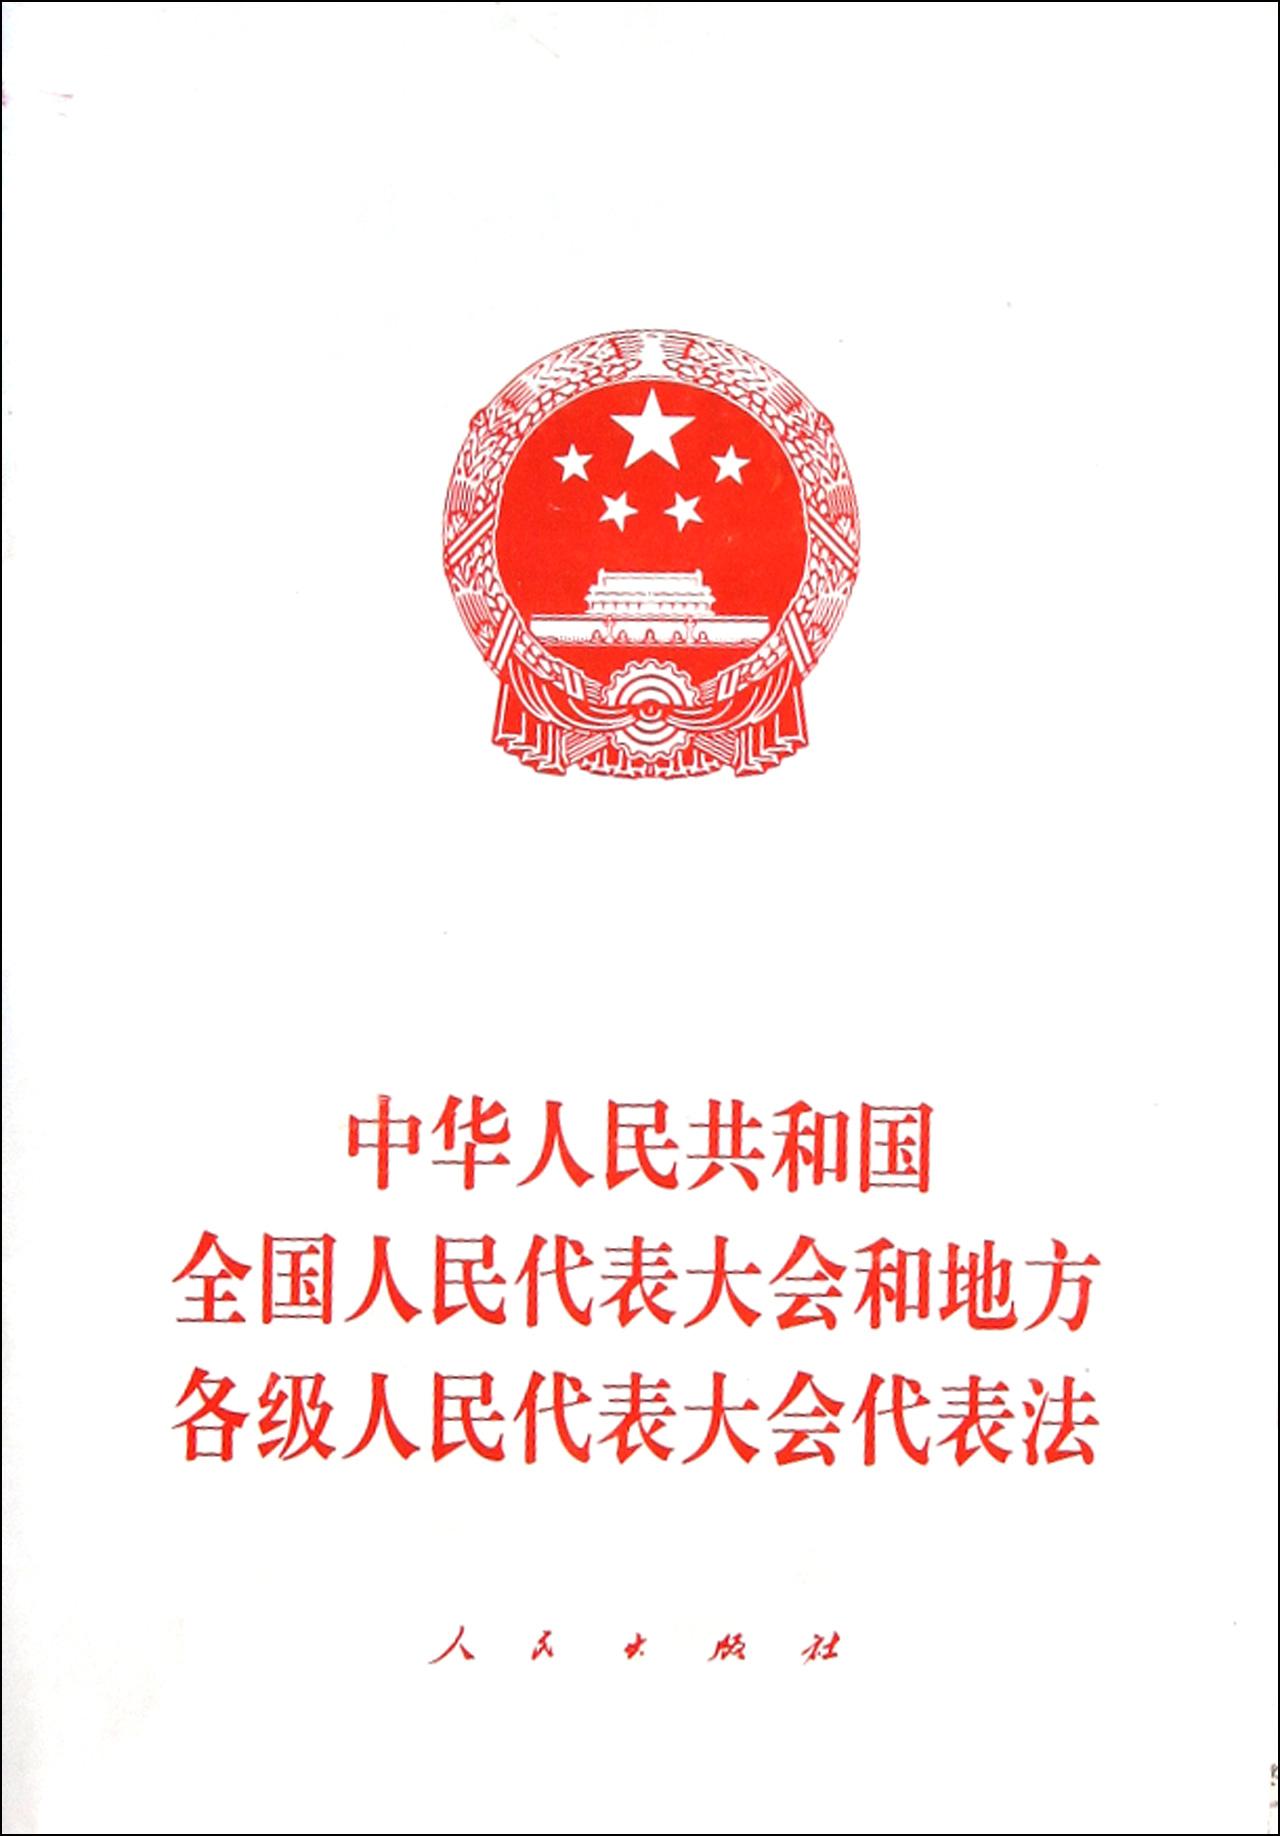 中華人民共和國全國人